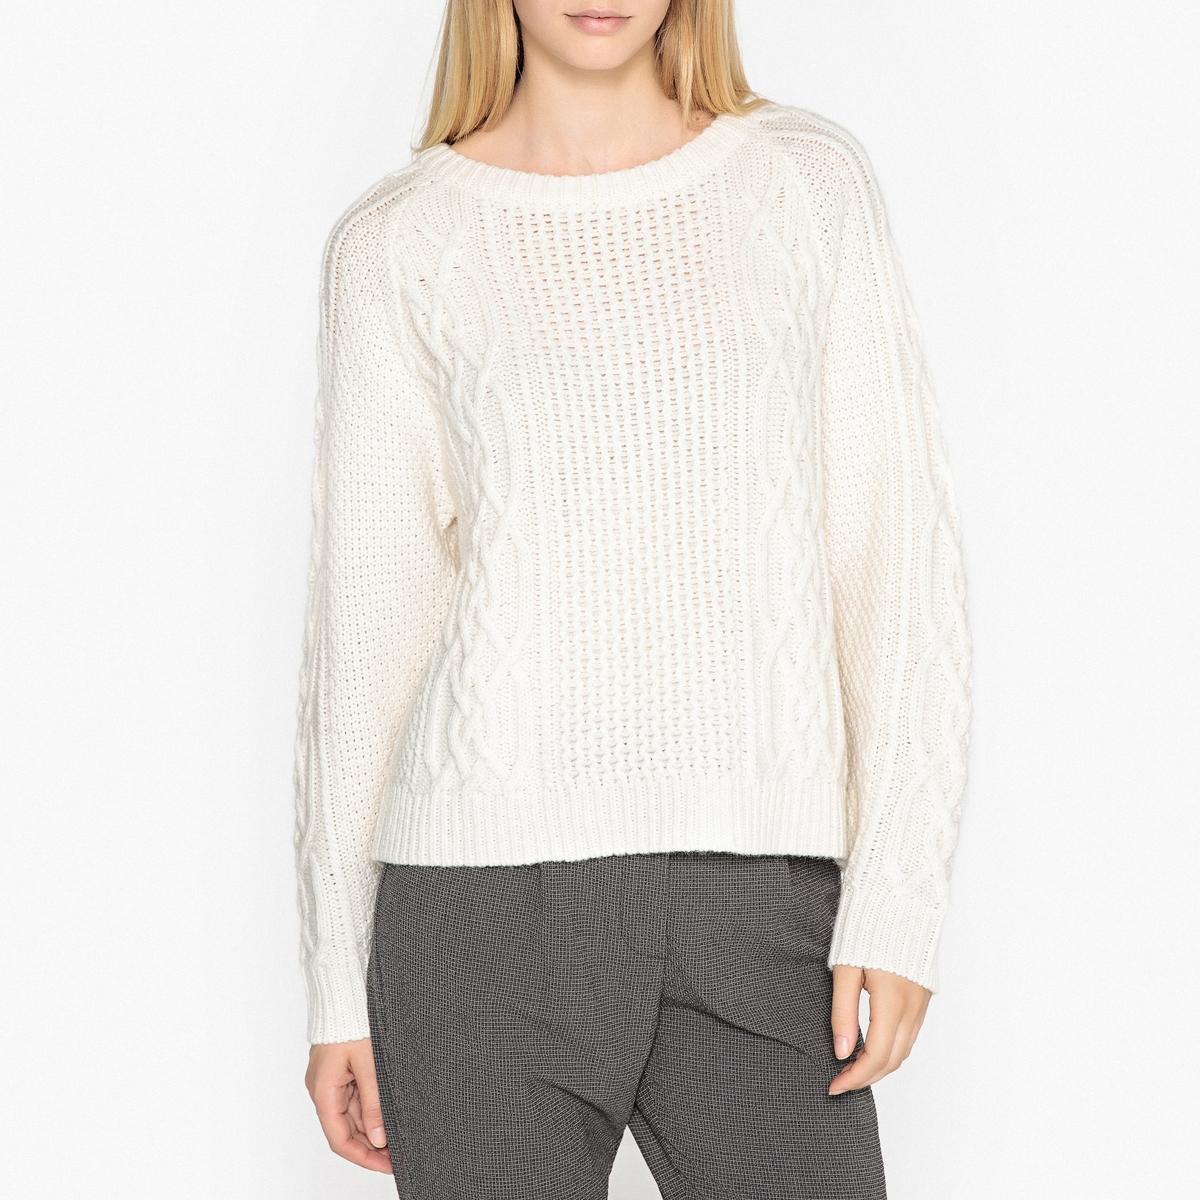 Пуловер HARRIS WILSON 10485275 от LaRedoute